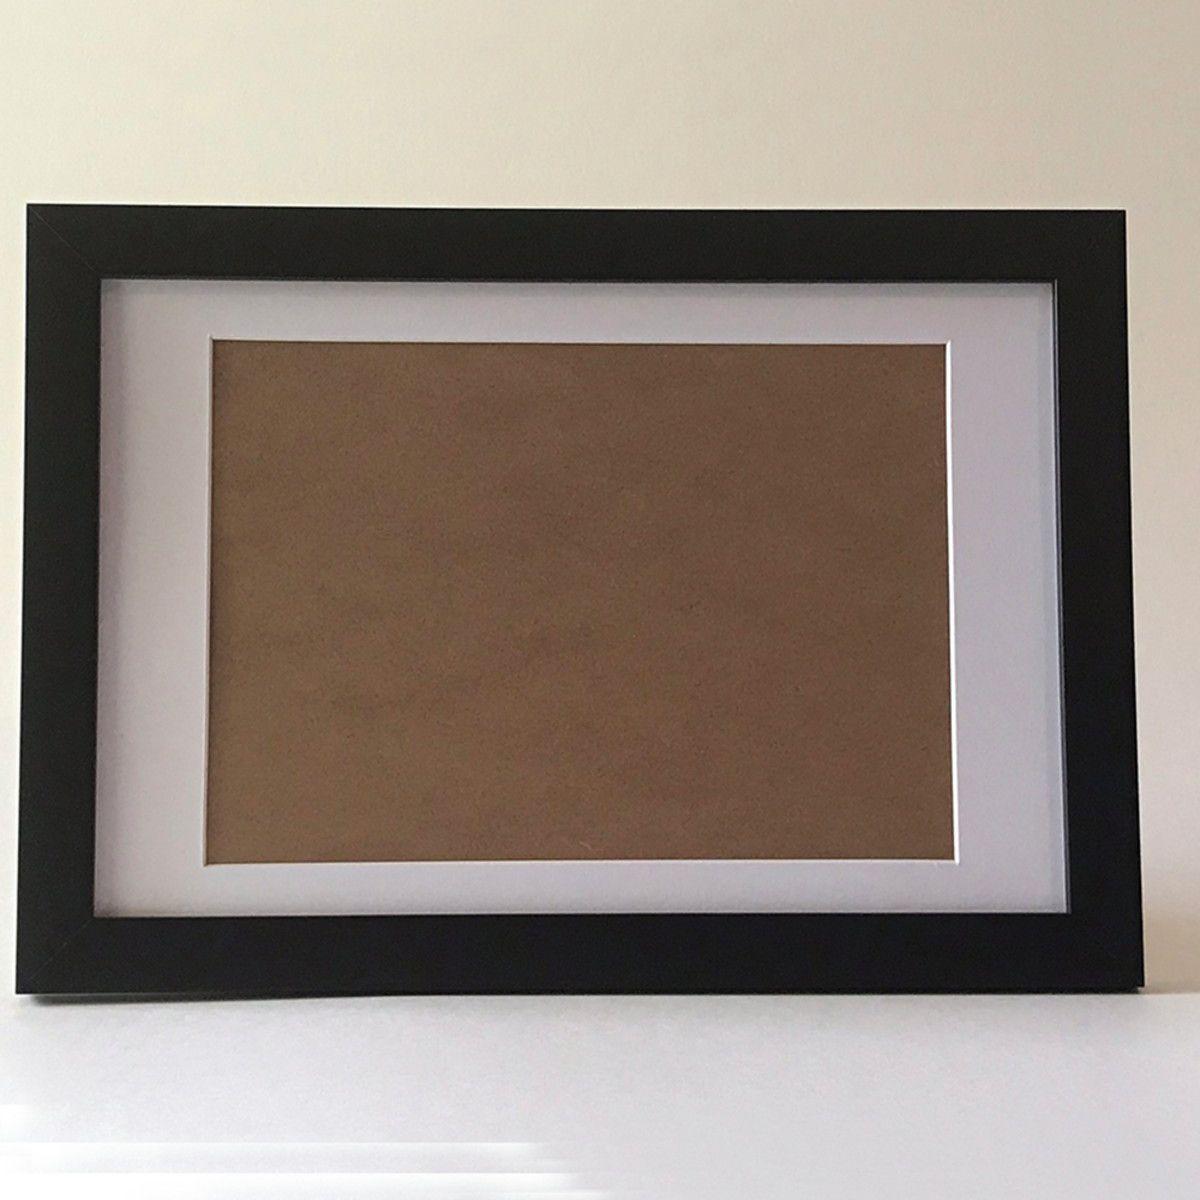 3 Molduras para arte/foto A4 com vidro e passepartout